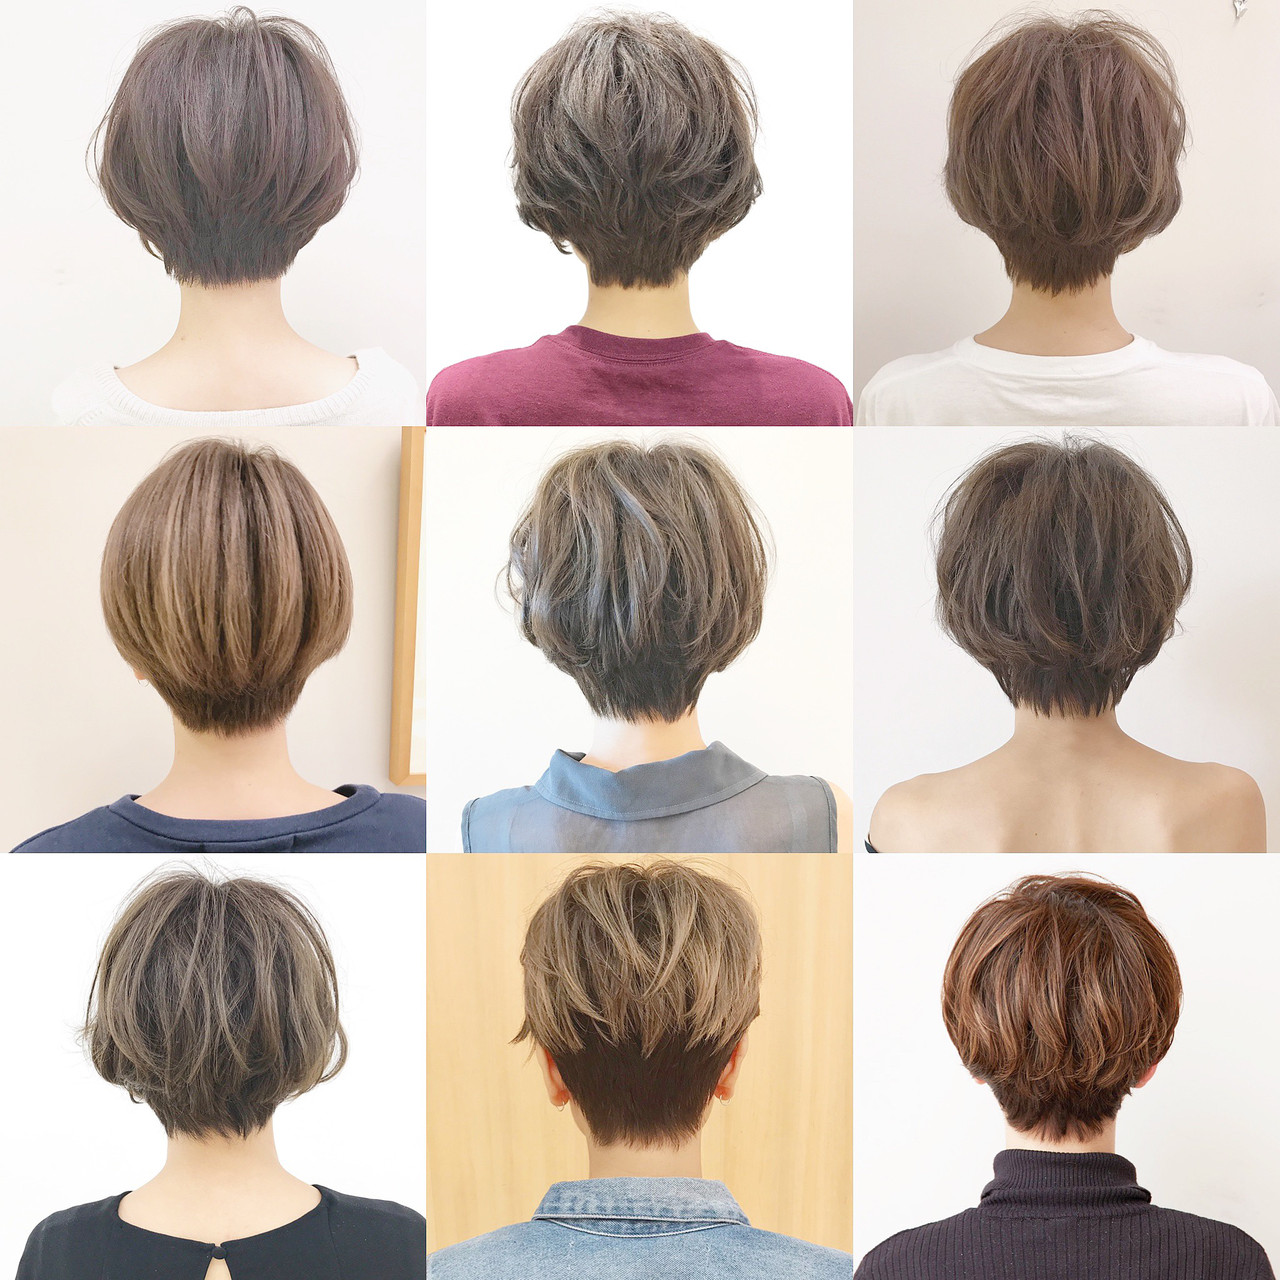 スポーツ オフィス ナチュラル デート ヘアスタイルや髪型の写真・画像 | ショートヘア美容師 #ナカイヒロキ / 『send by HAIR』